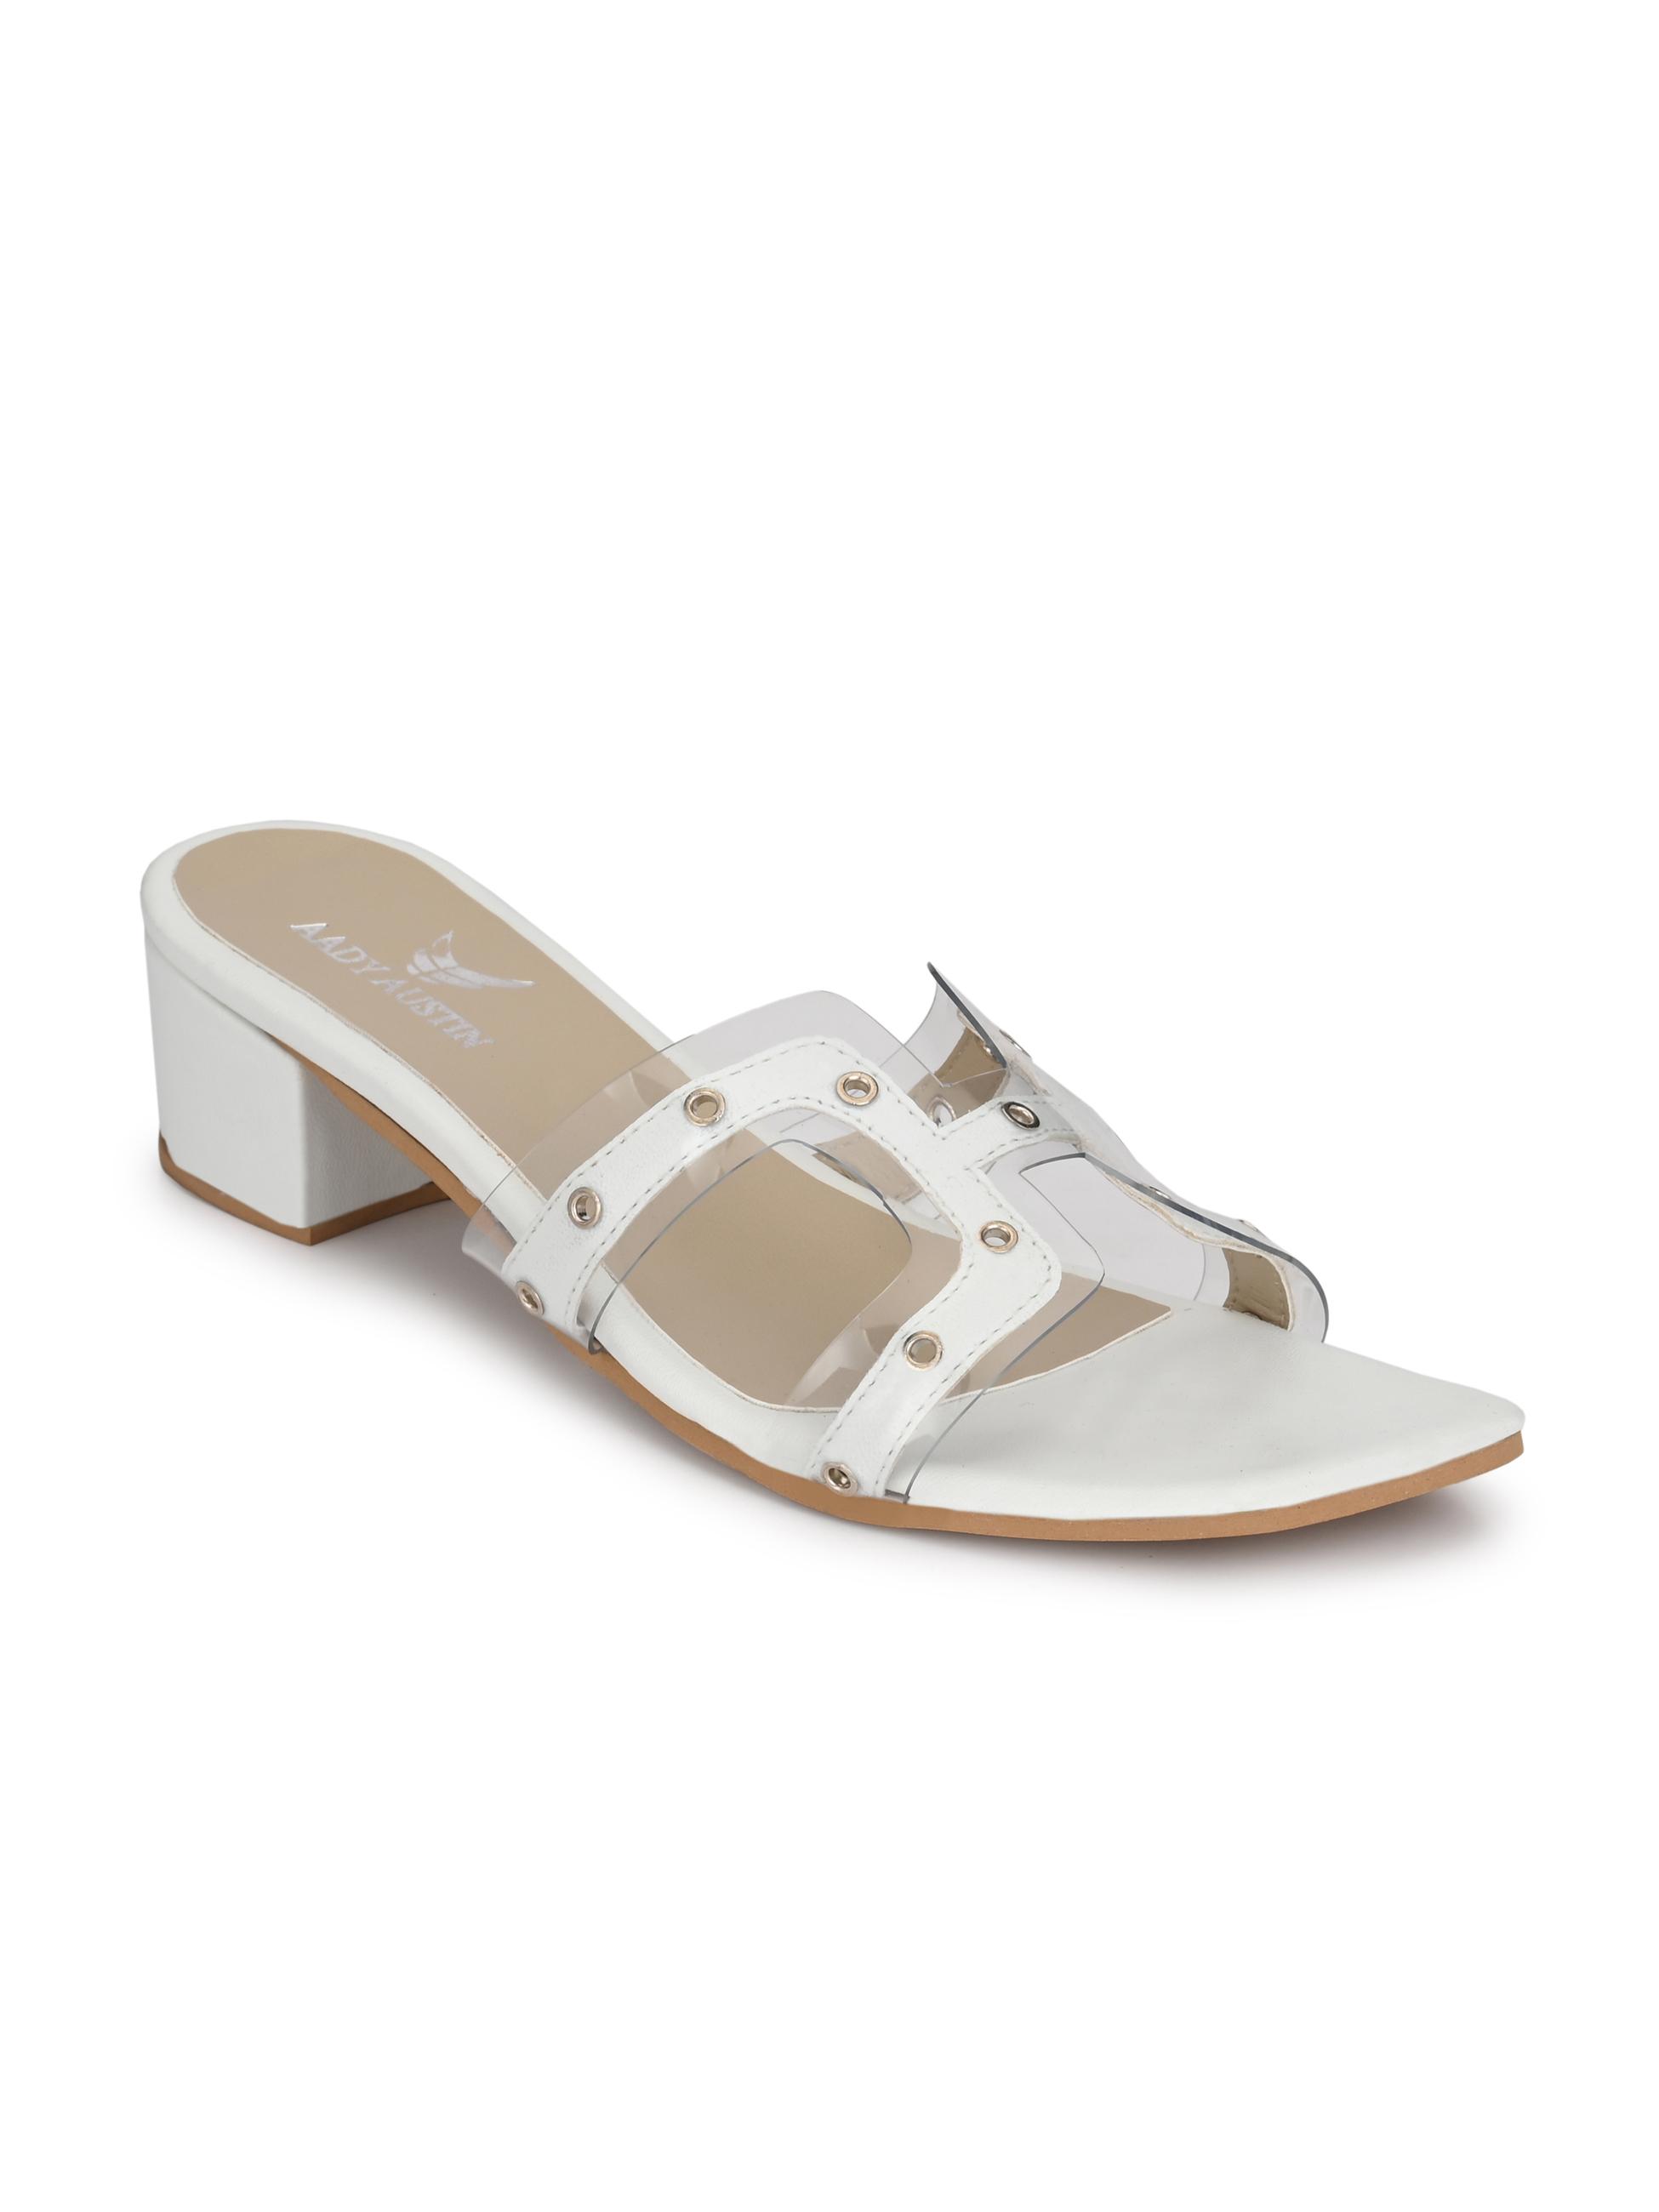 AADY AUSTIN | Aady Austin White Block Heel Sandals